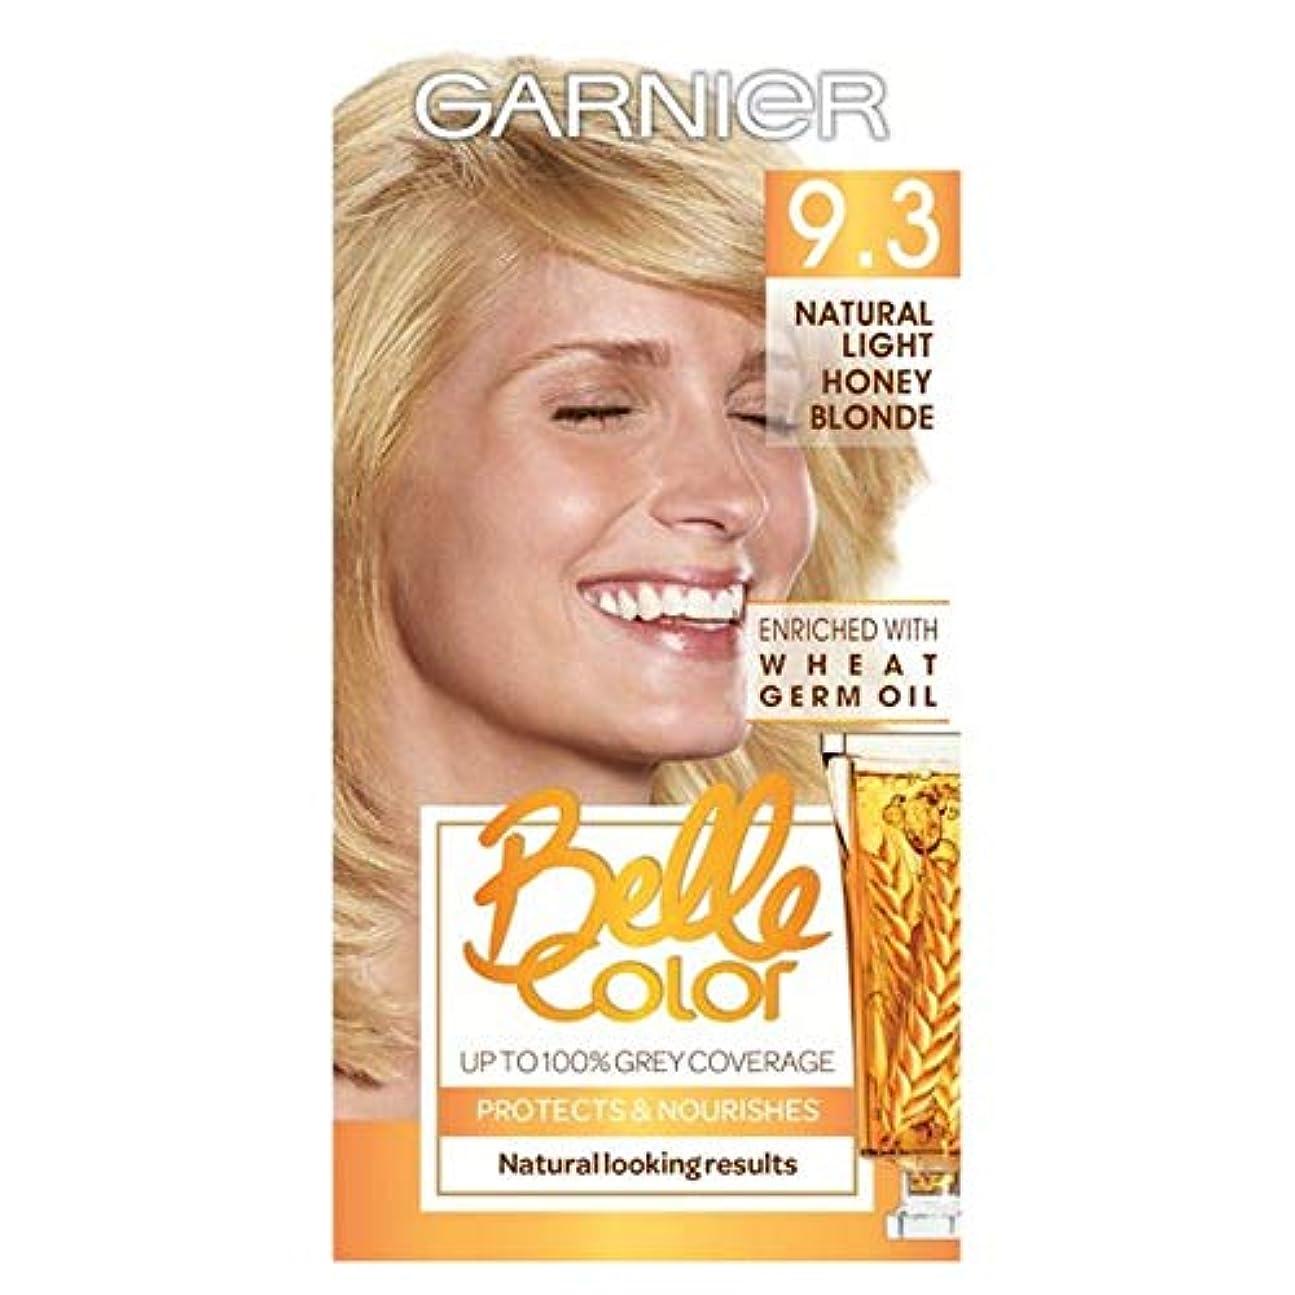 いまメイエラ処方する[Belle Color] ガーン/ベル/Clr 9.3自然光の蜂蜜ブロンドパーマネントヘアダイ - Garn/Bel/Clr 9.3 Natural Light Honey Blonde Permanent Hair...